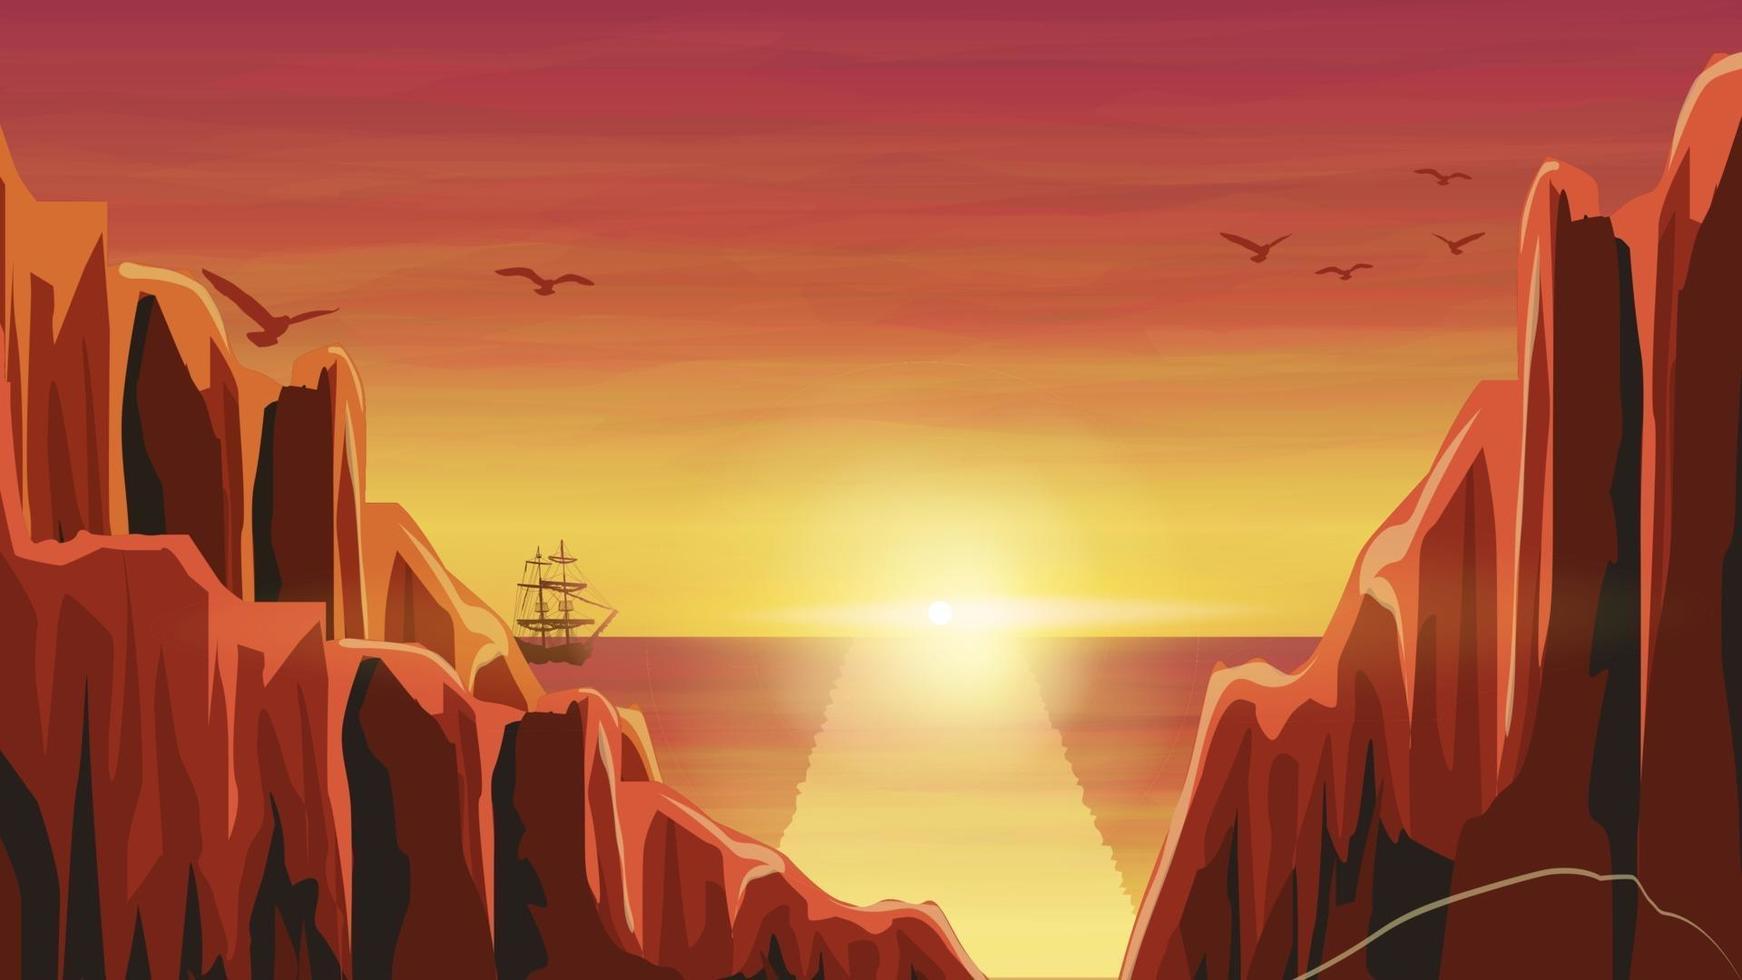 tramonto arancione in mare con la vecchia nave. illustrazione vettoriale